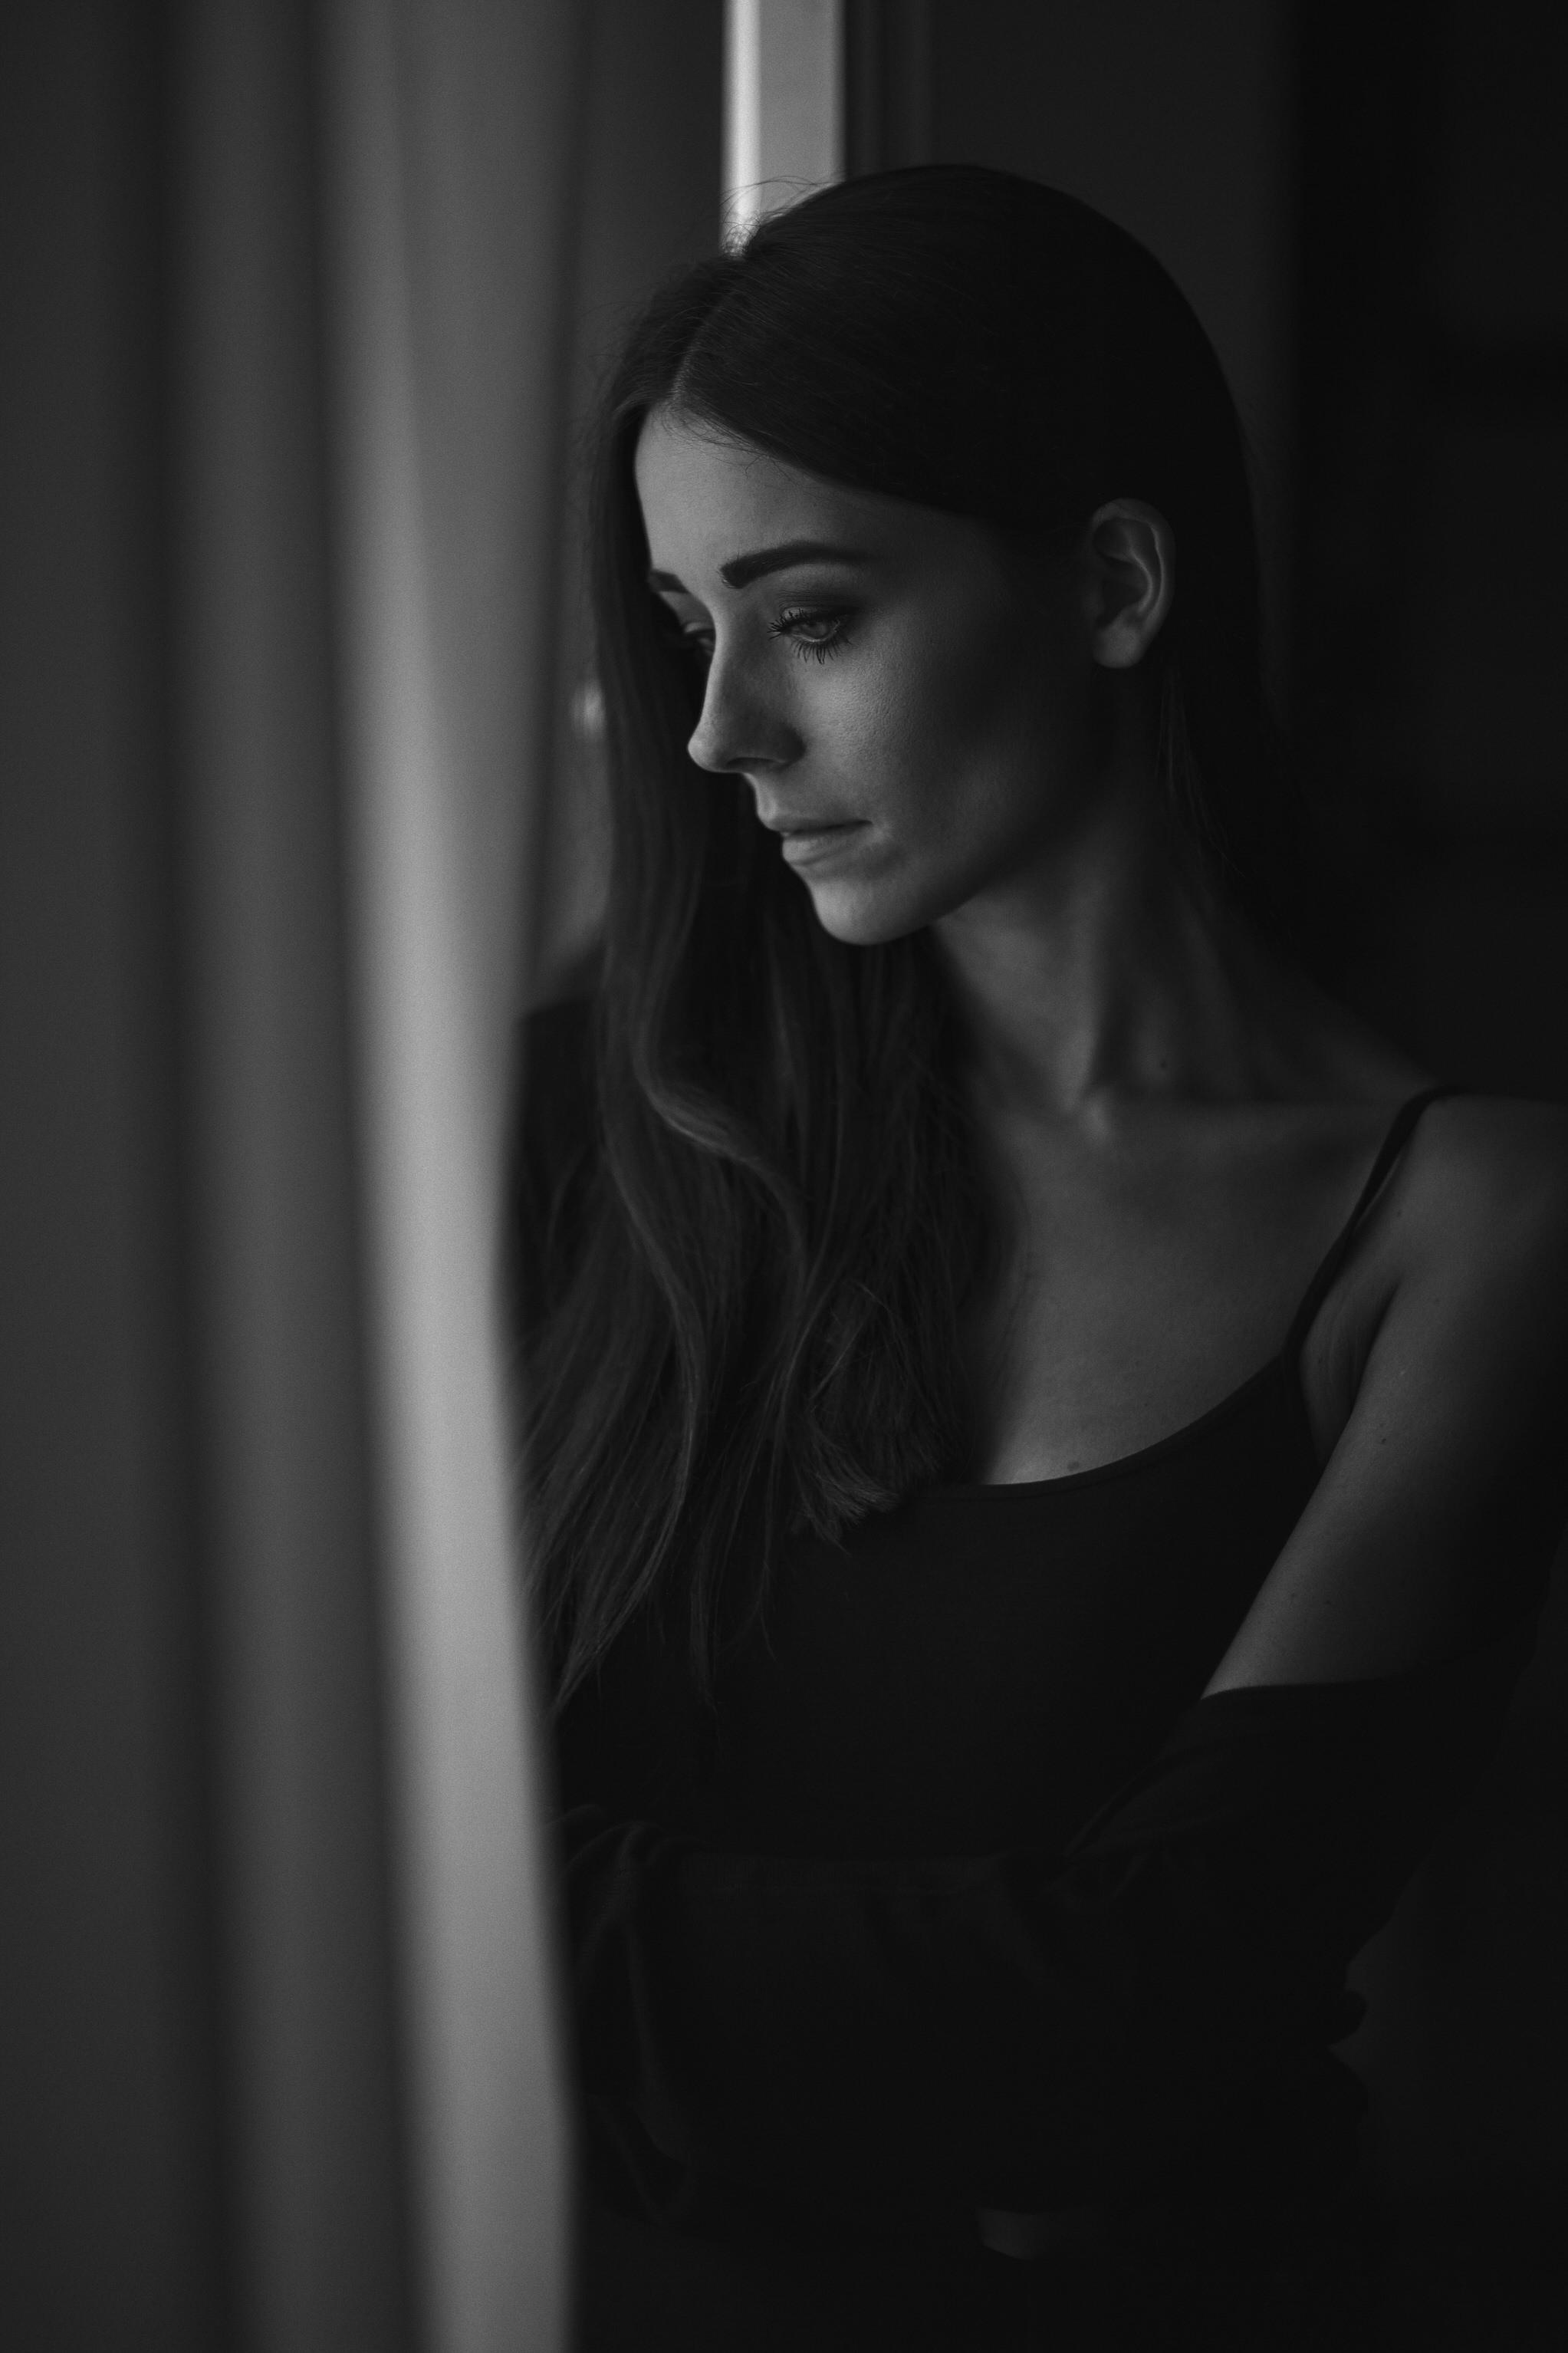 Ruhige Portraits in schwarz-weiss